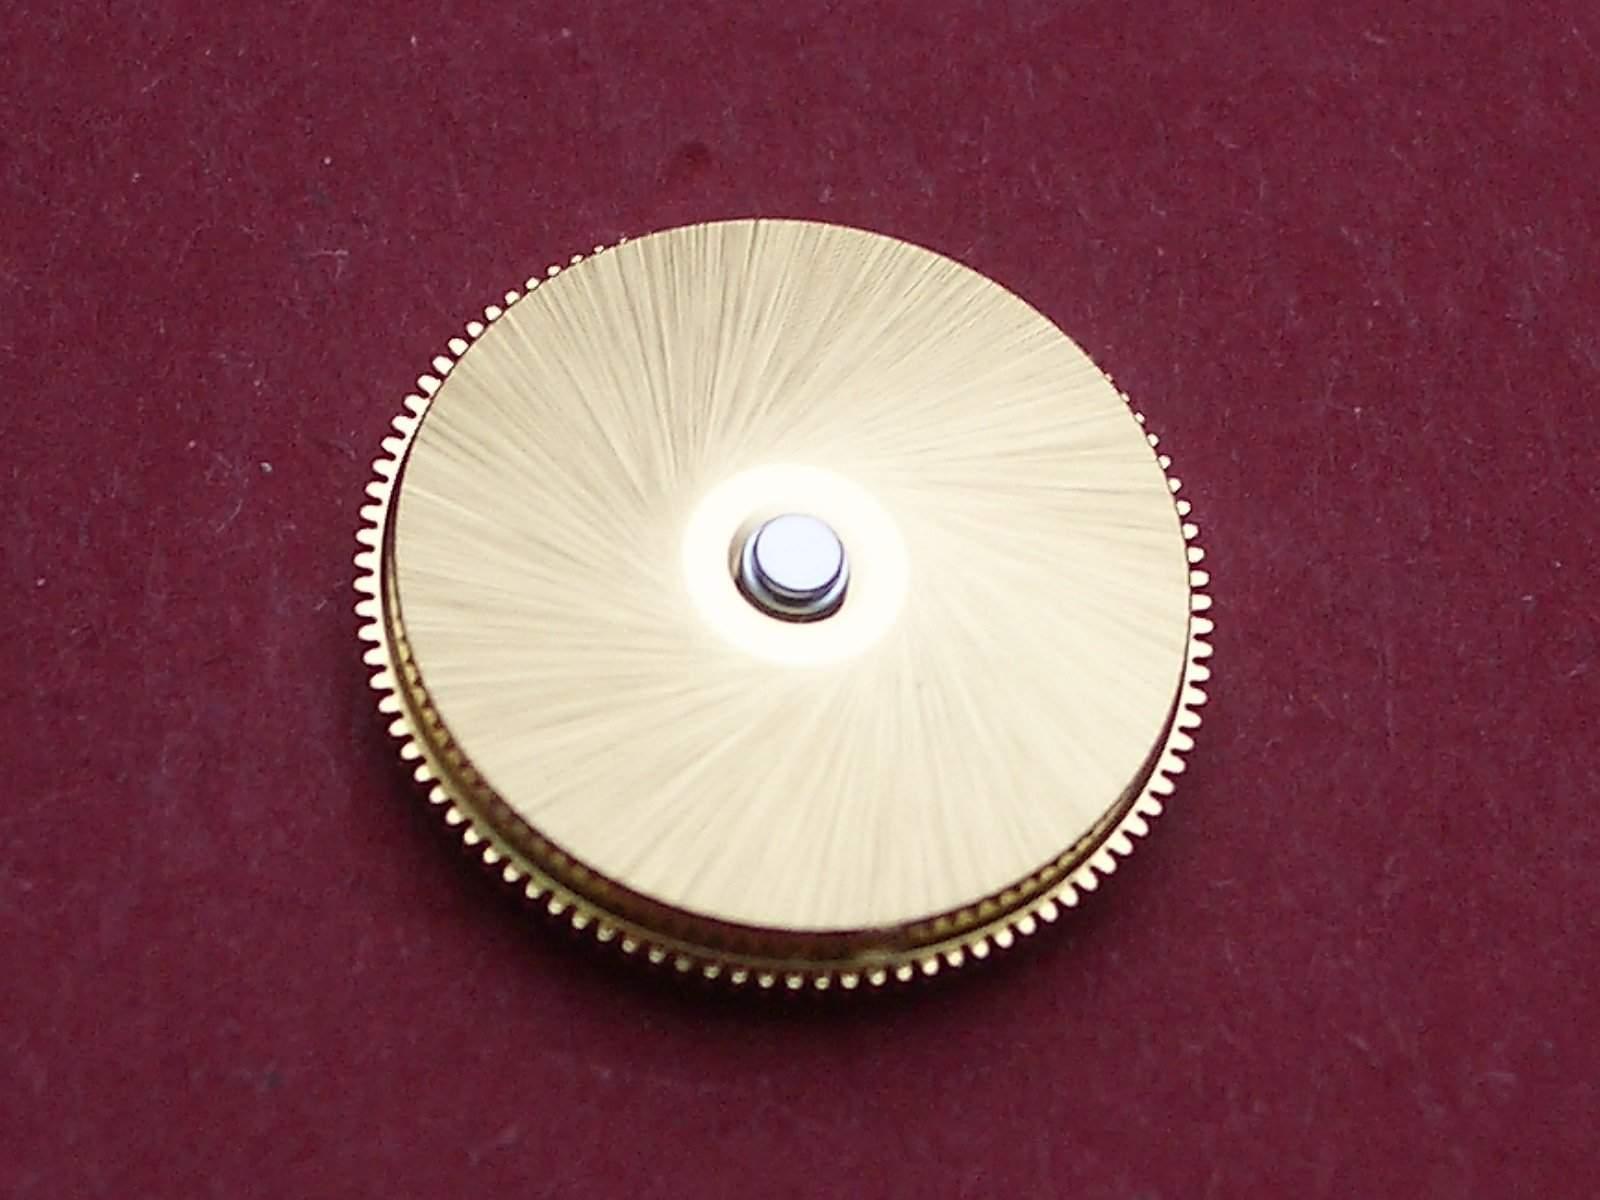 A Rolex barrel